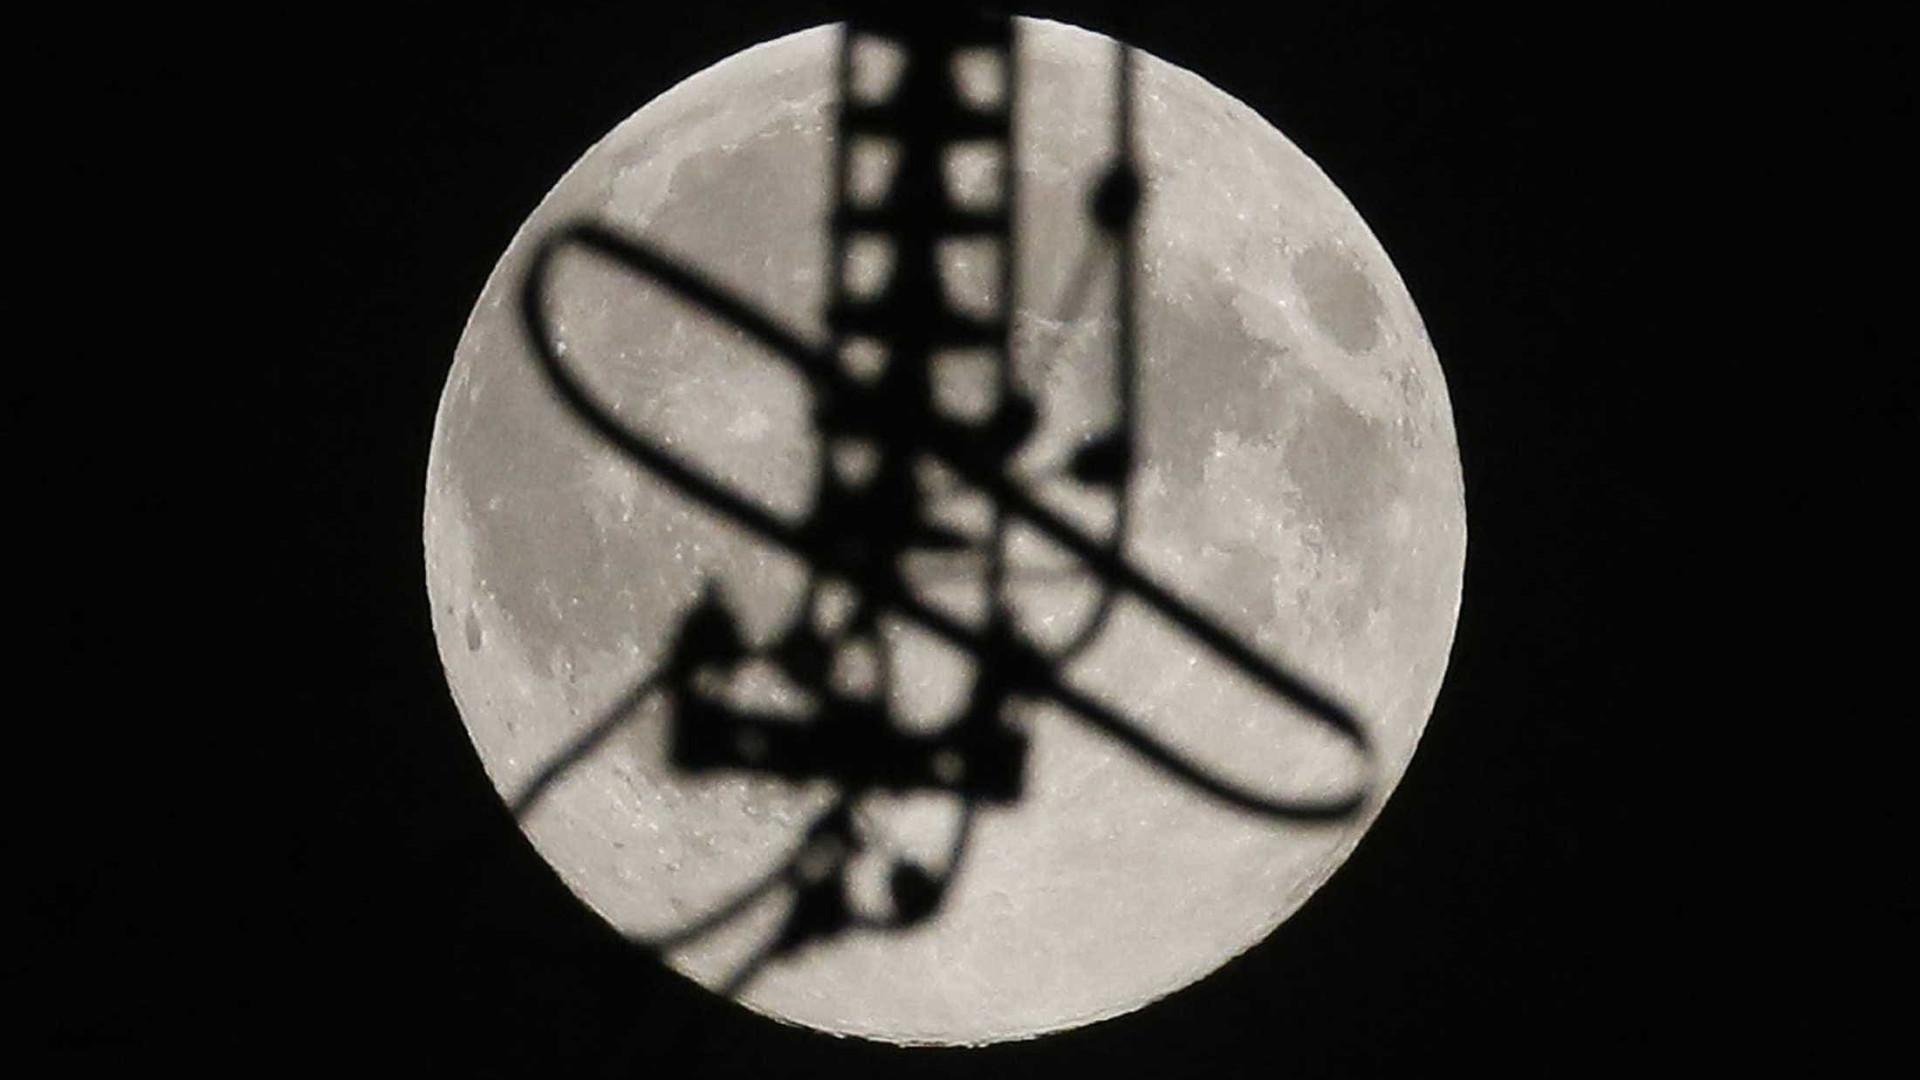 Rússia deve reiniciar programa de exploração da Lua